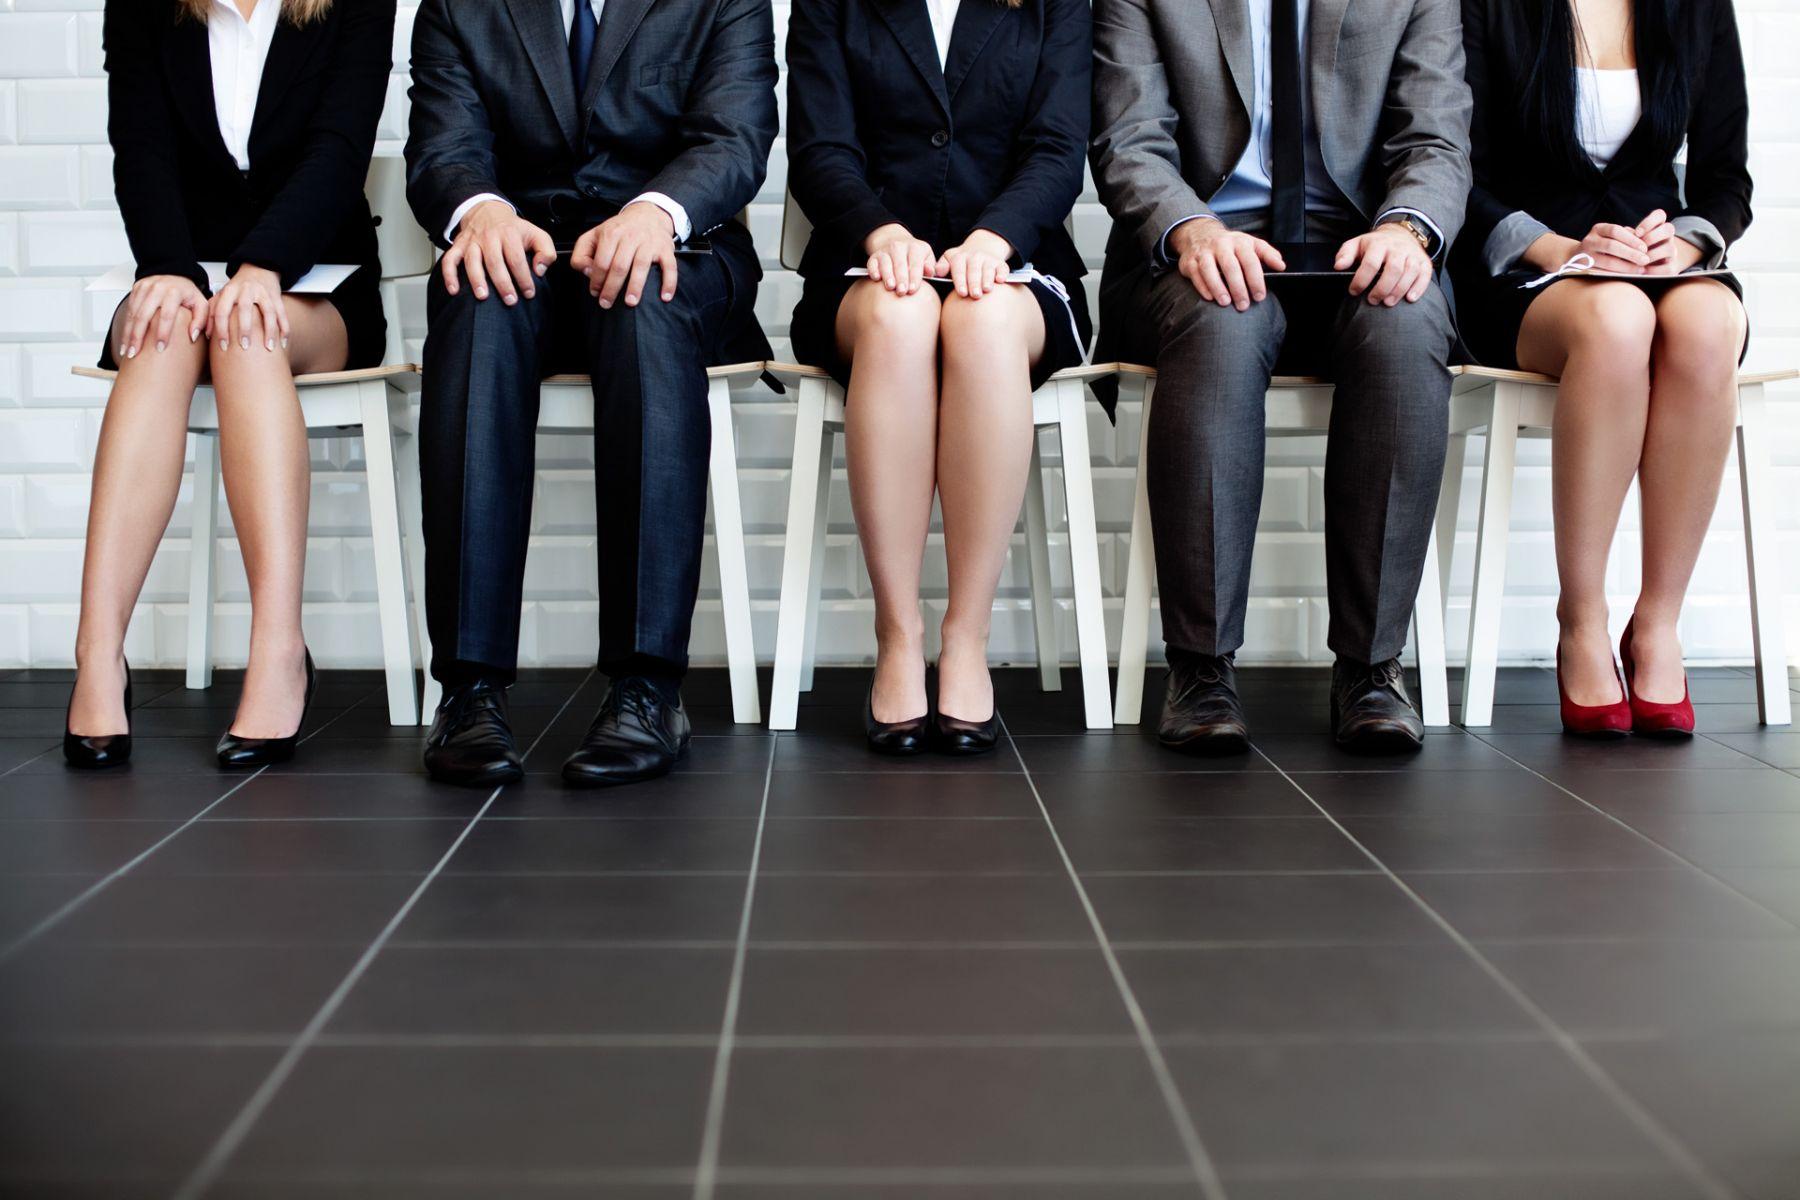 求職問盡祖宗十八代,還怕你結婚生子...面試尊重求職者,很難嗎?